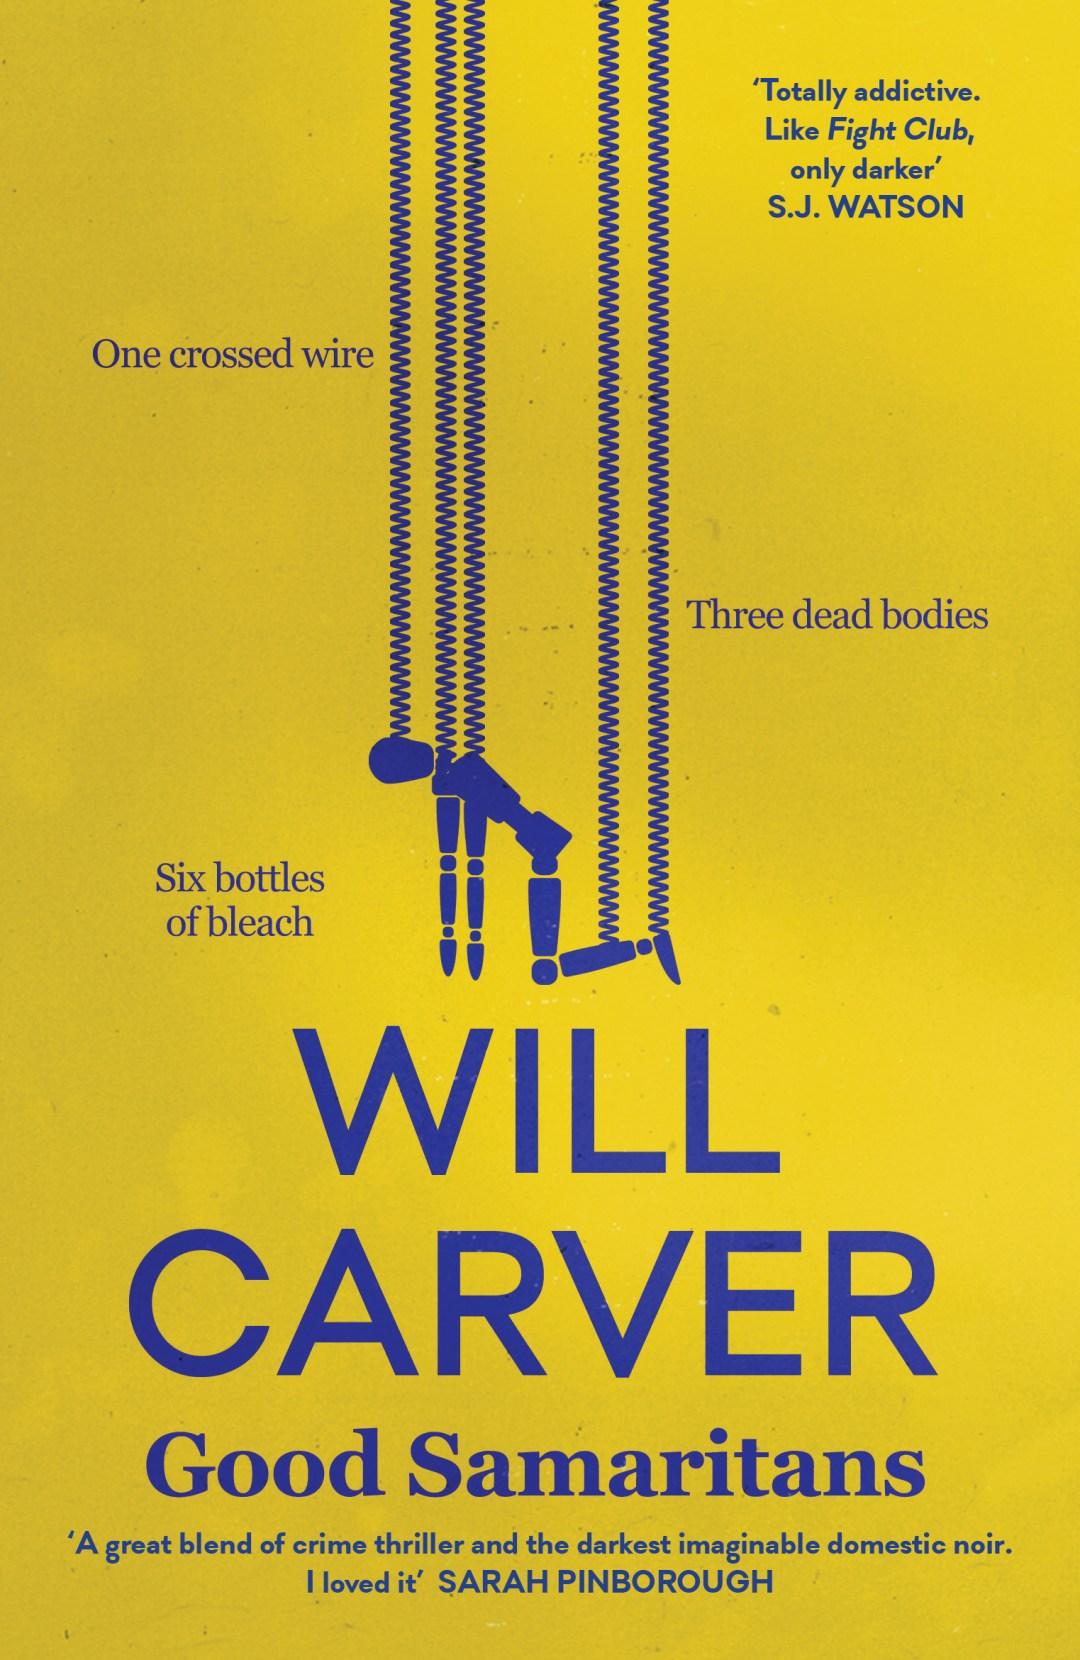 #BookReview of Good Samaritans by Will Carver @will_carver @annecater #Randomthingstour #teamorenda @orendabooks #GoodSamaritans #Sixbottlesofbleach #blogtour